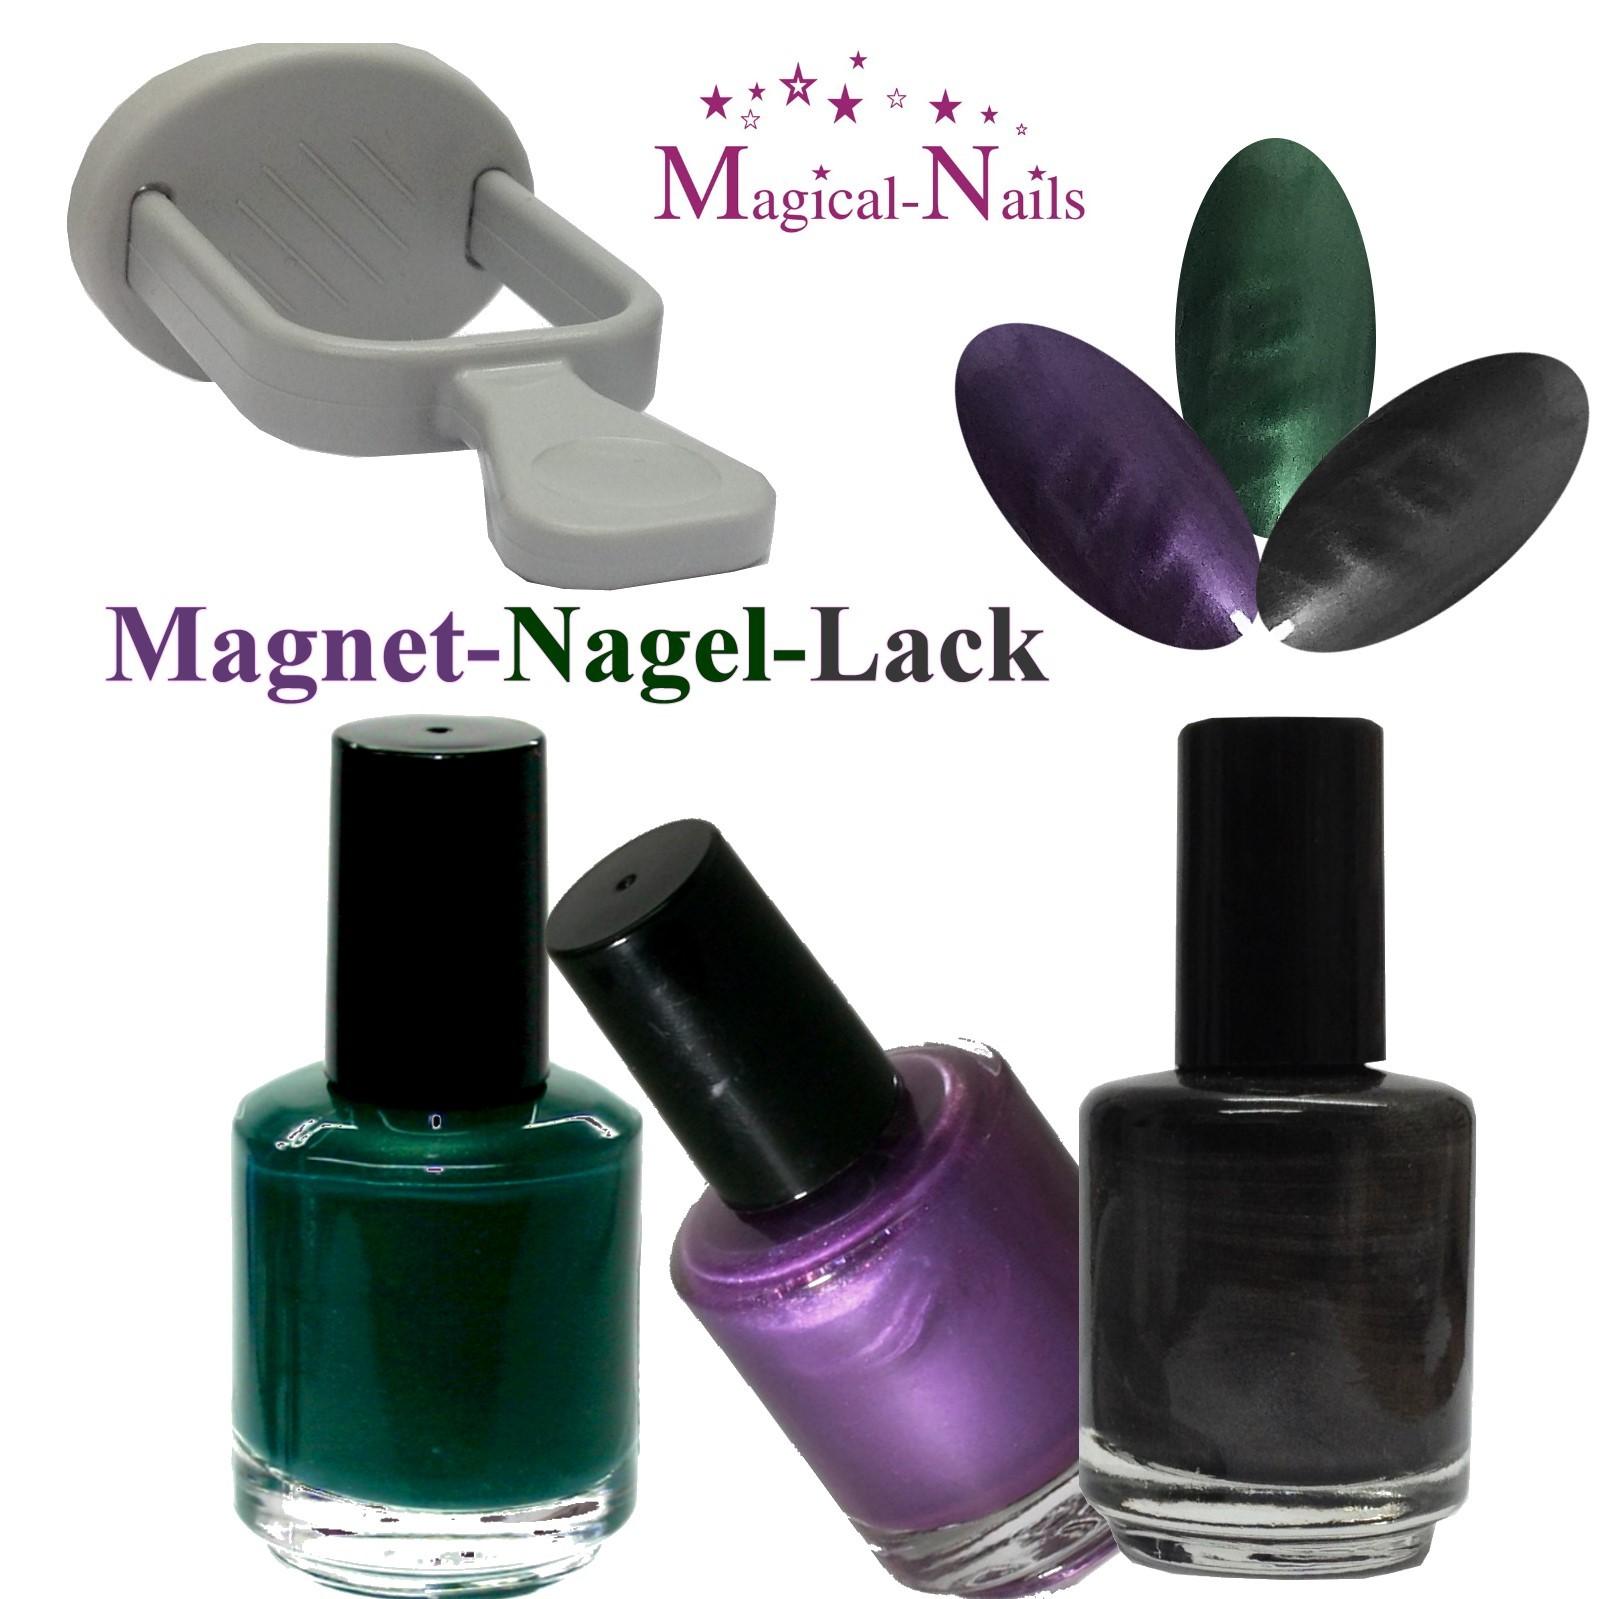 Nageldesign Fingernu00e4gel Nagellacke Catu0026#39;s Eye Nagellacke